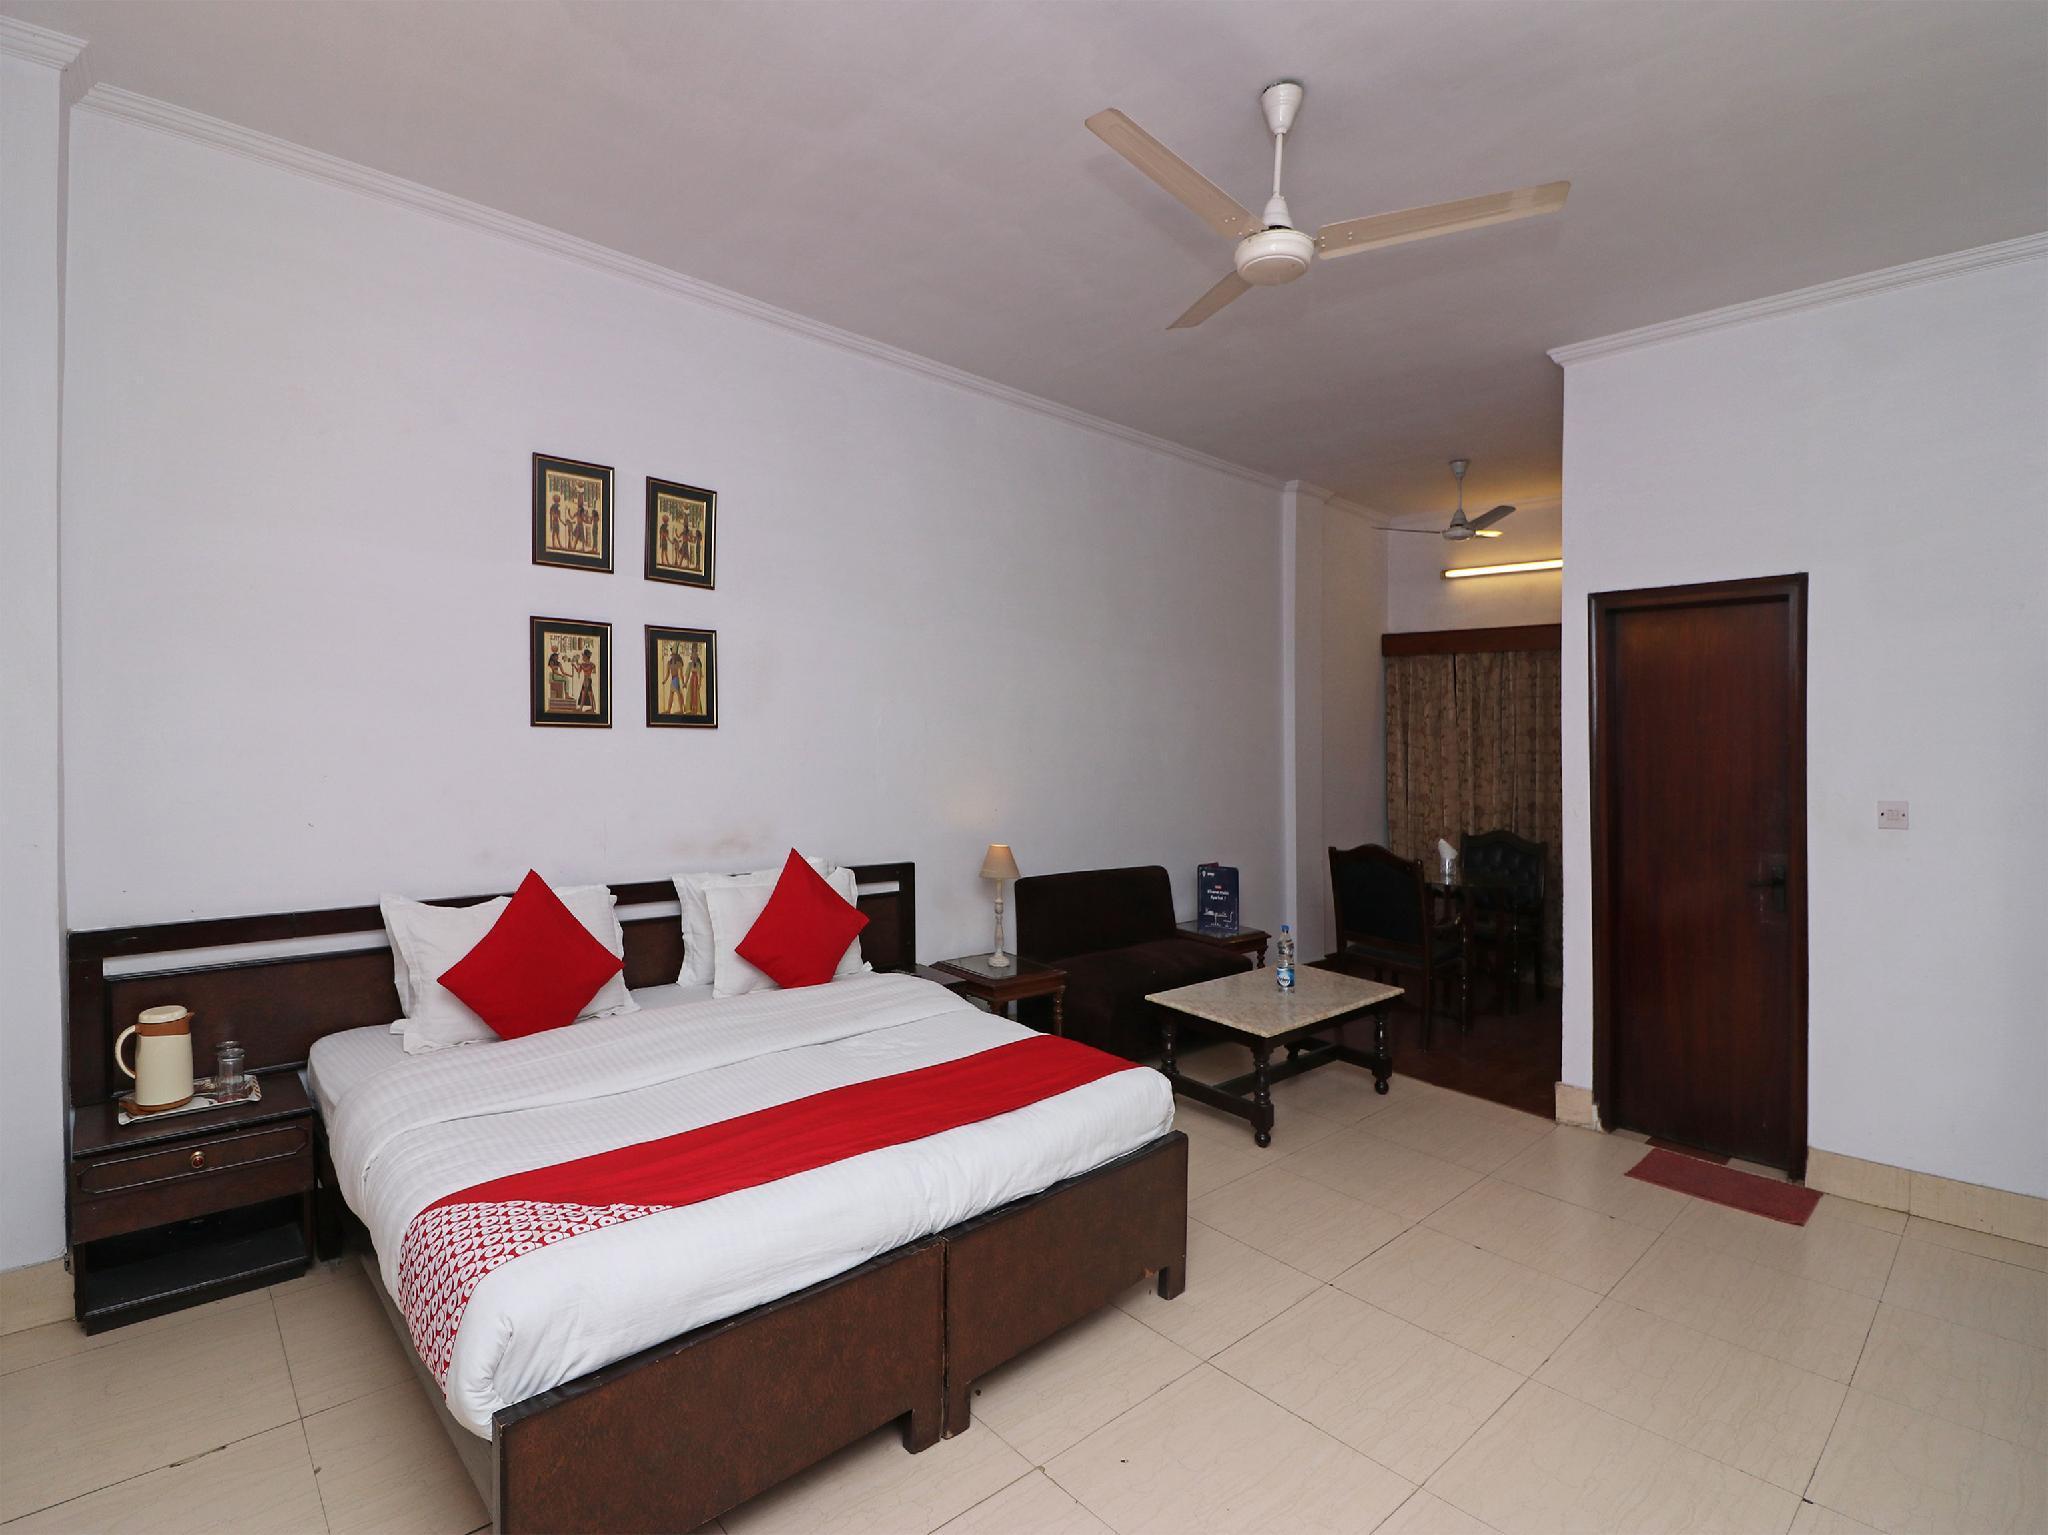 Capital O 14837 Hotel Uberoi Anand